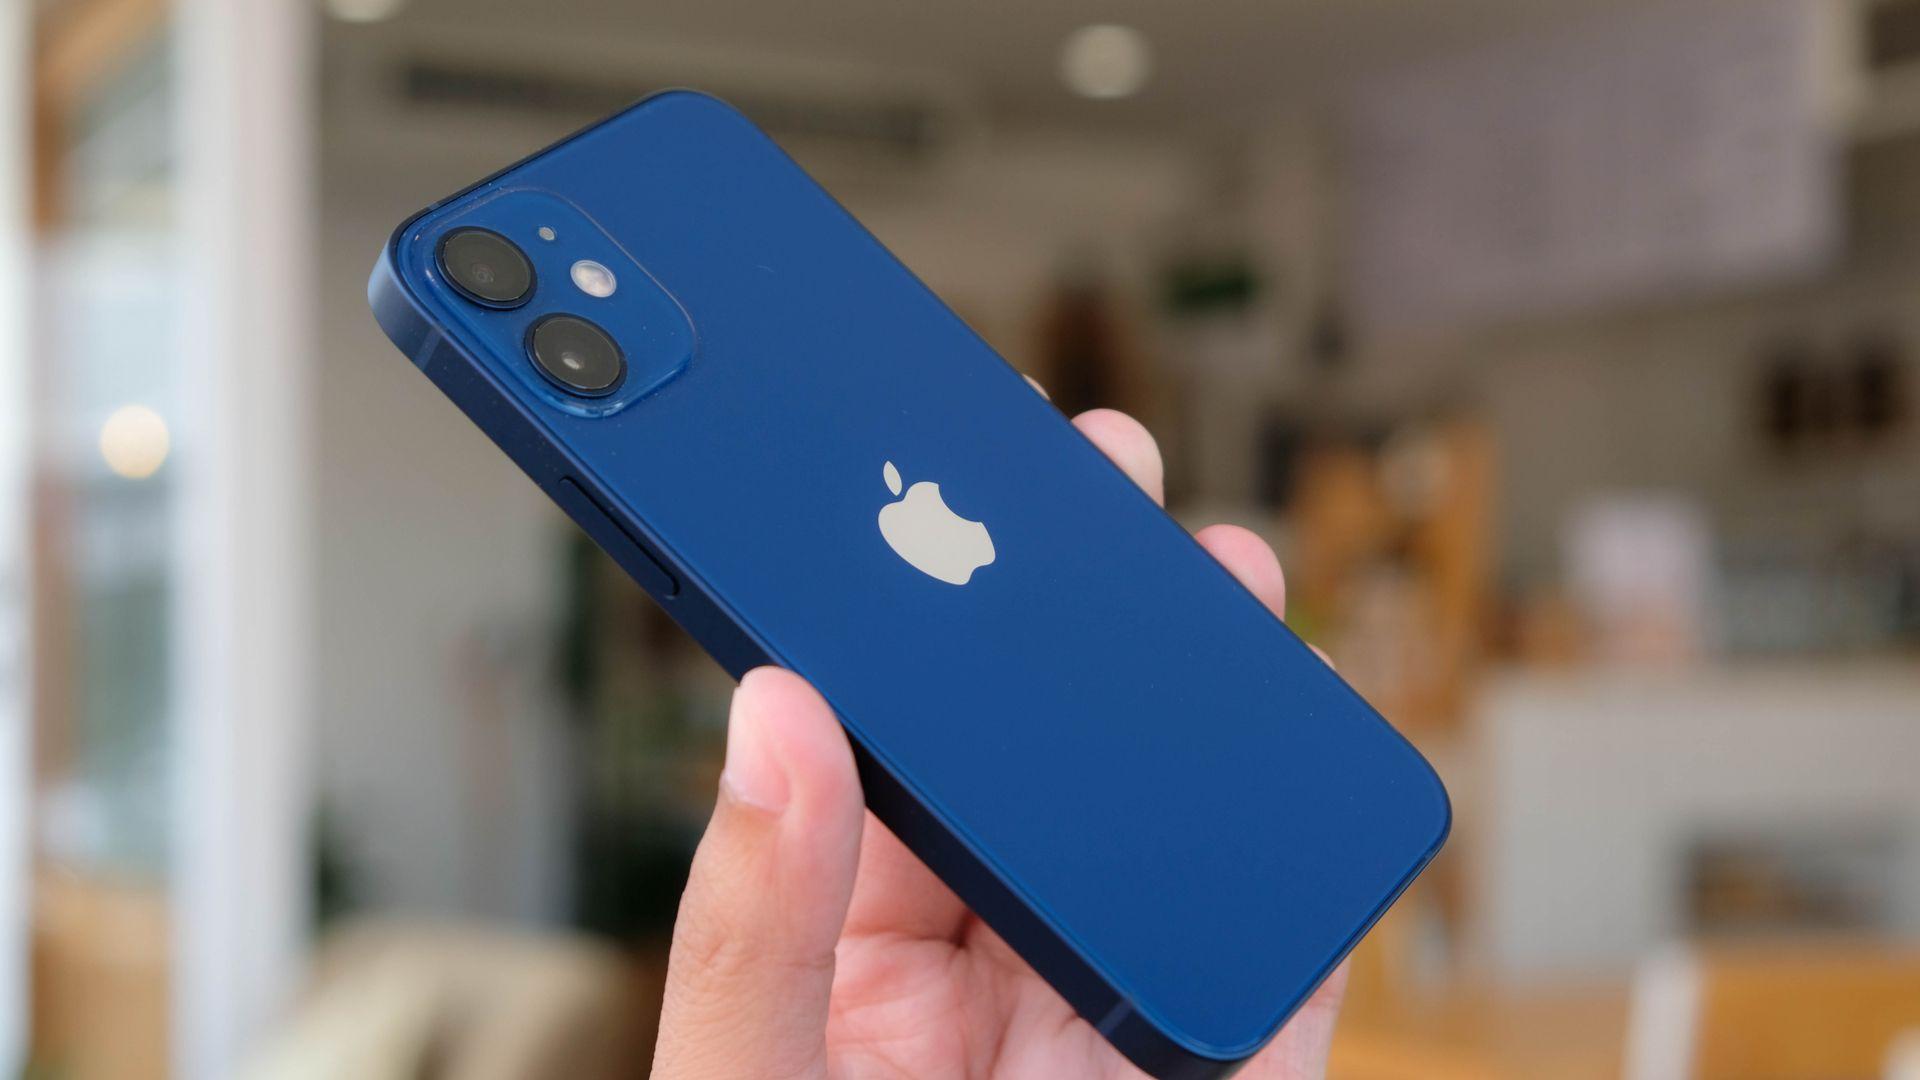 O iPhone 12 Mini é um celular pequeno, mas potente. (Imagem: Reprodução/Shutterstock)